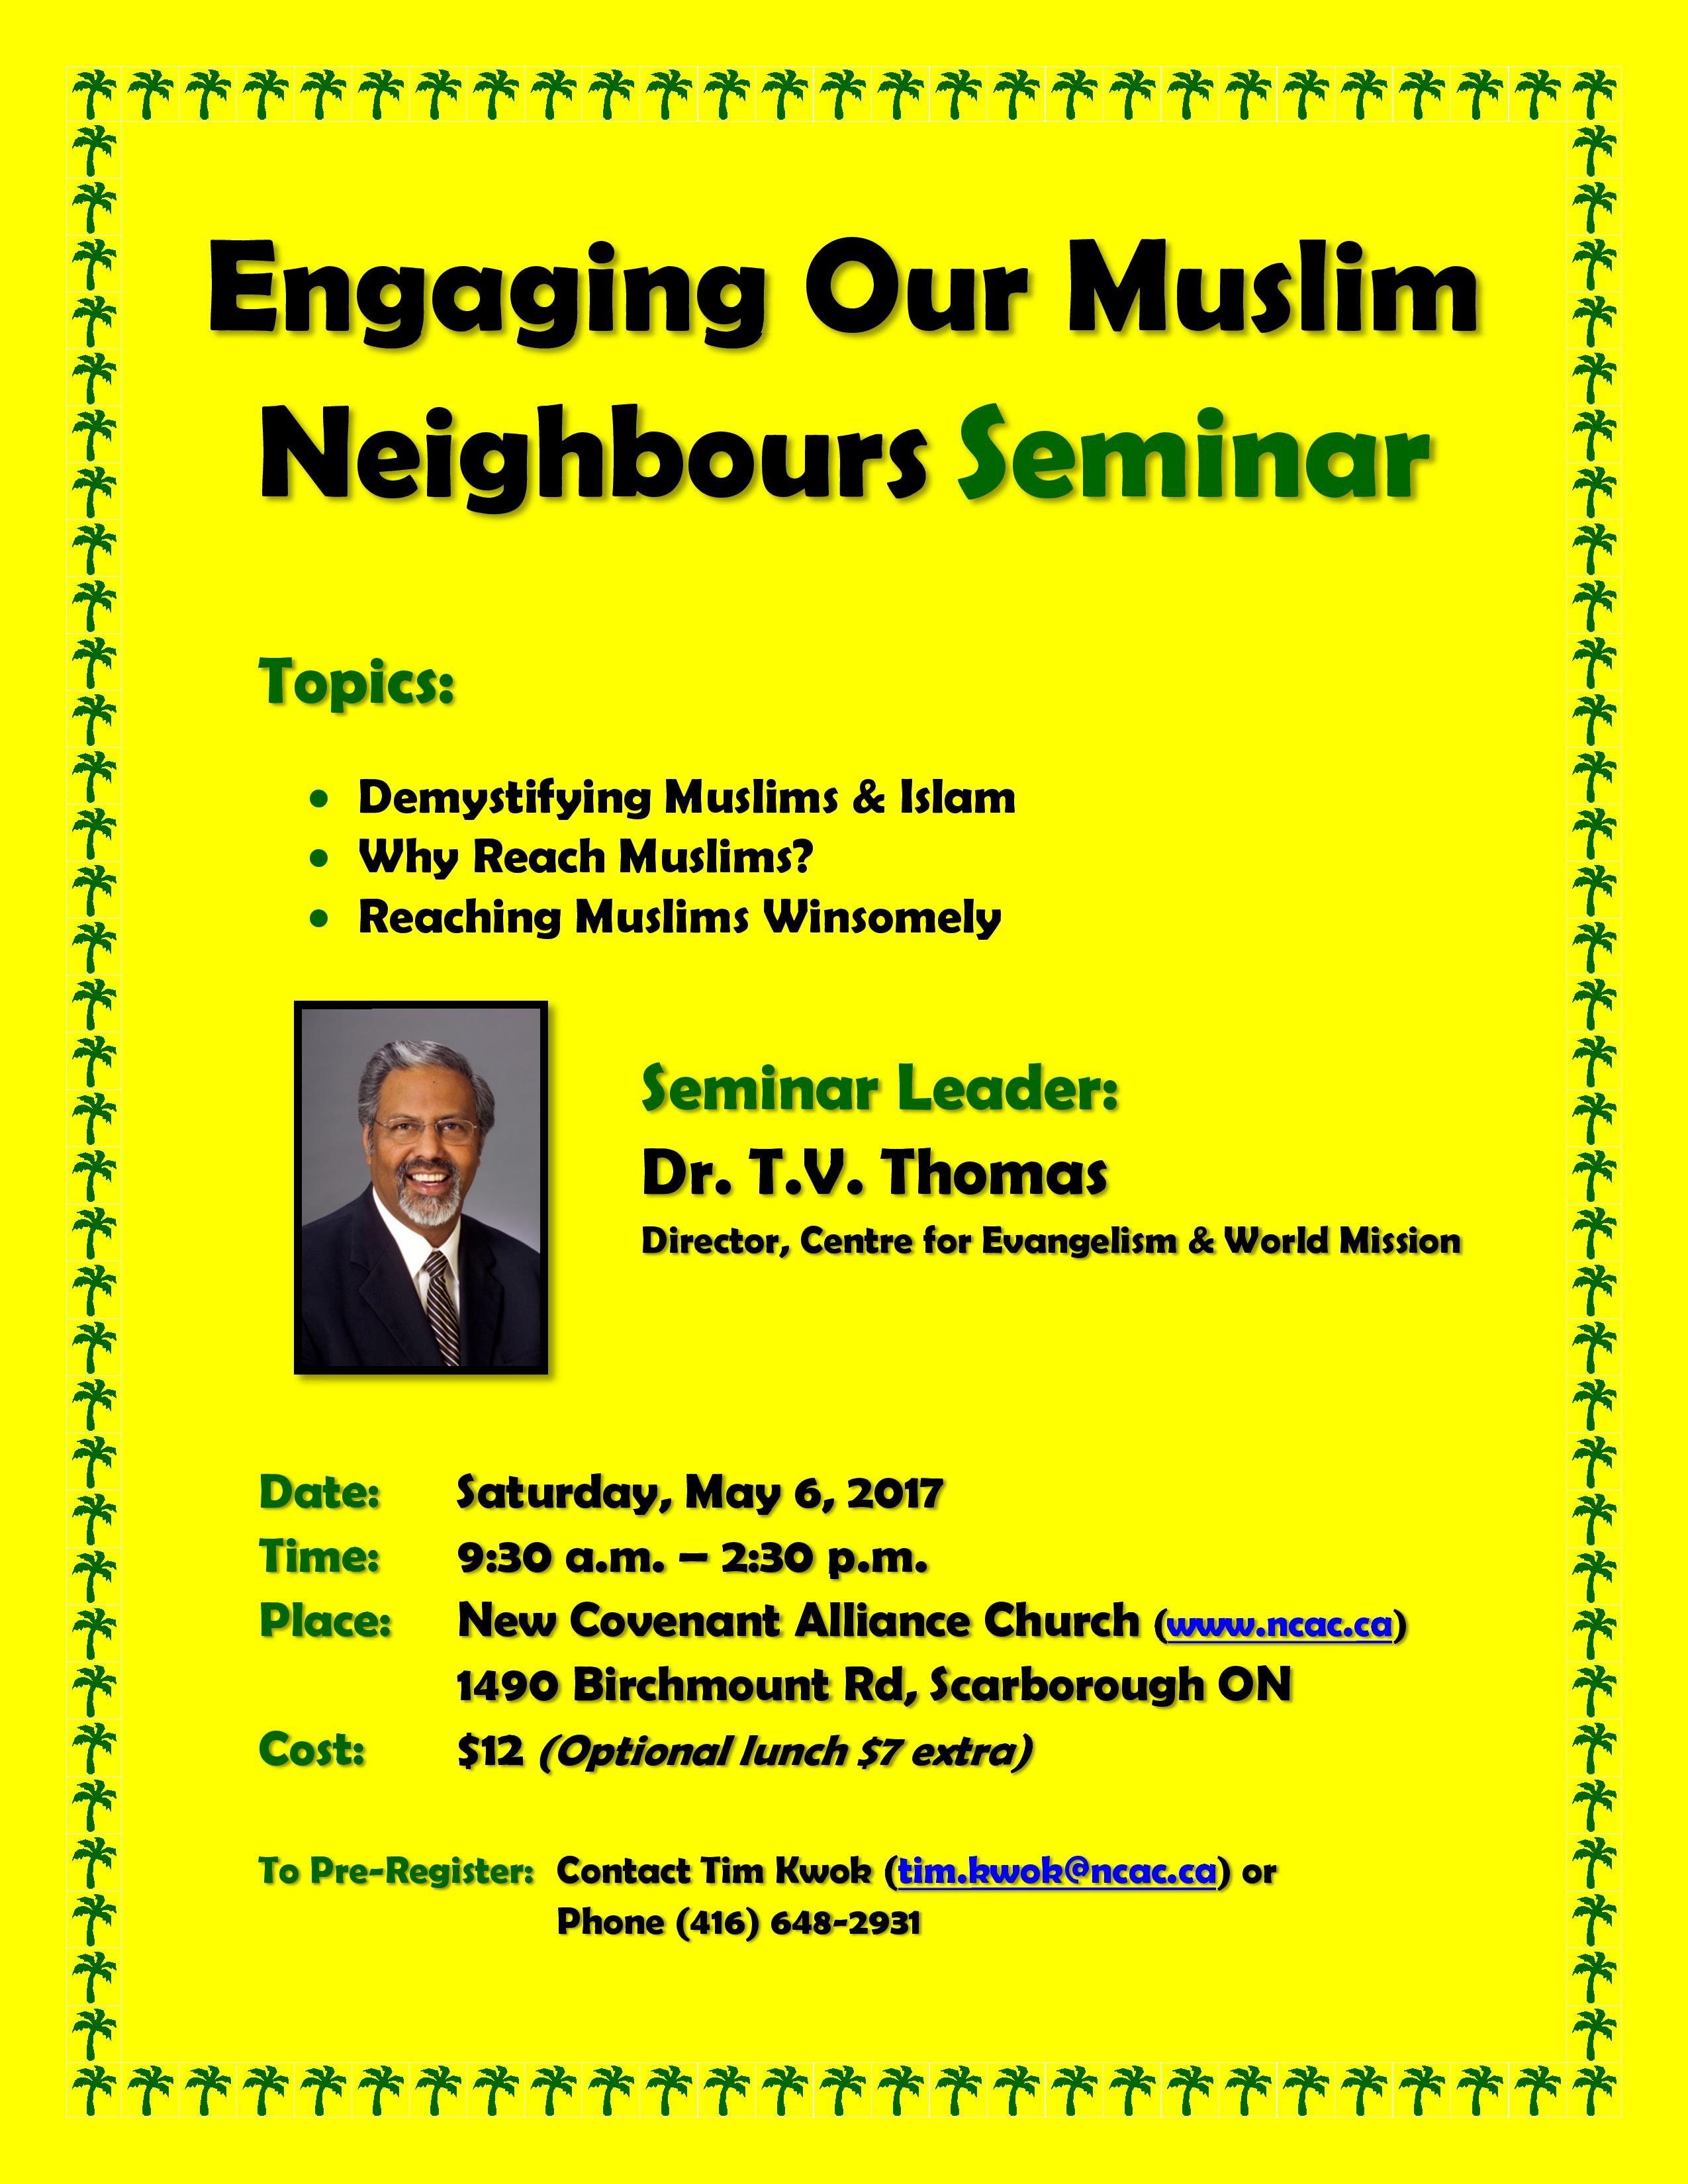 Neighbours Seminar